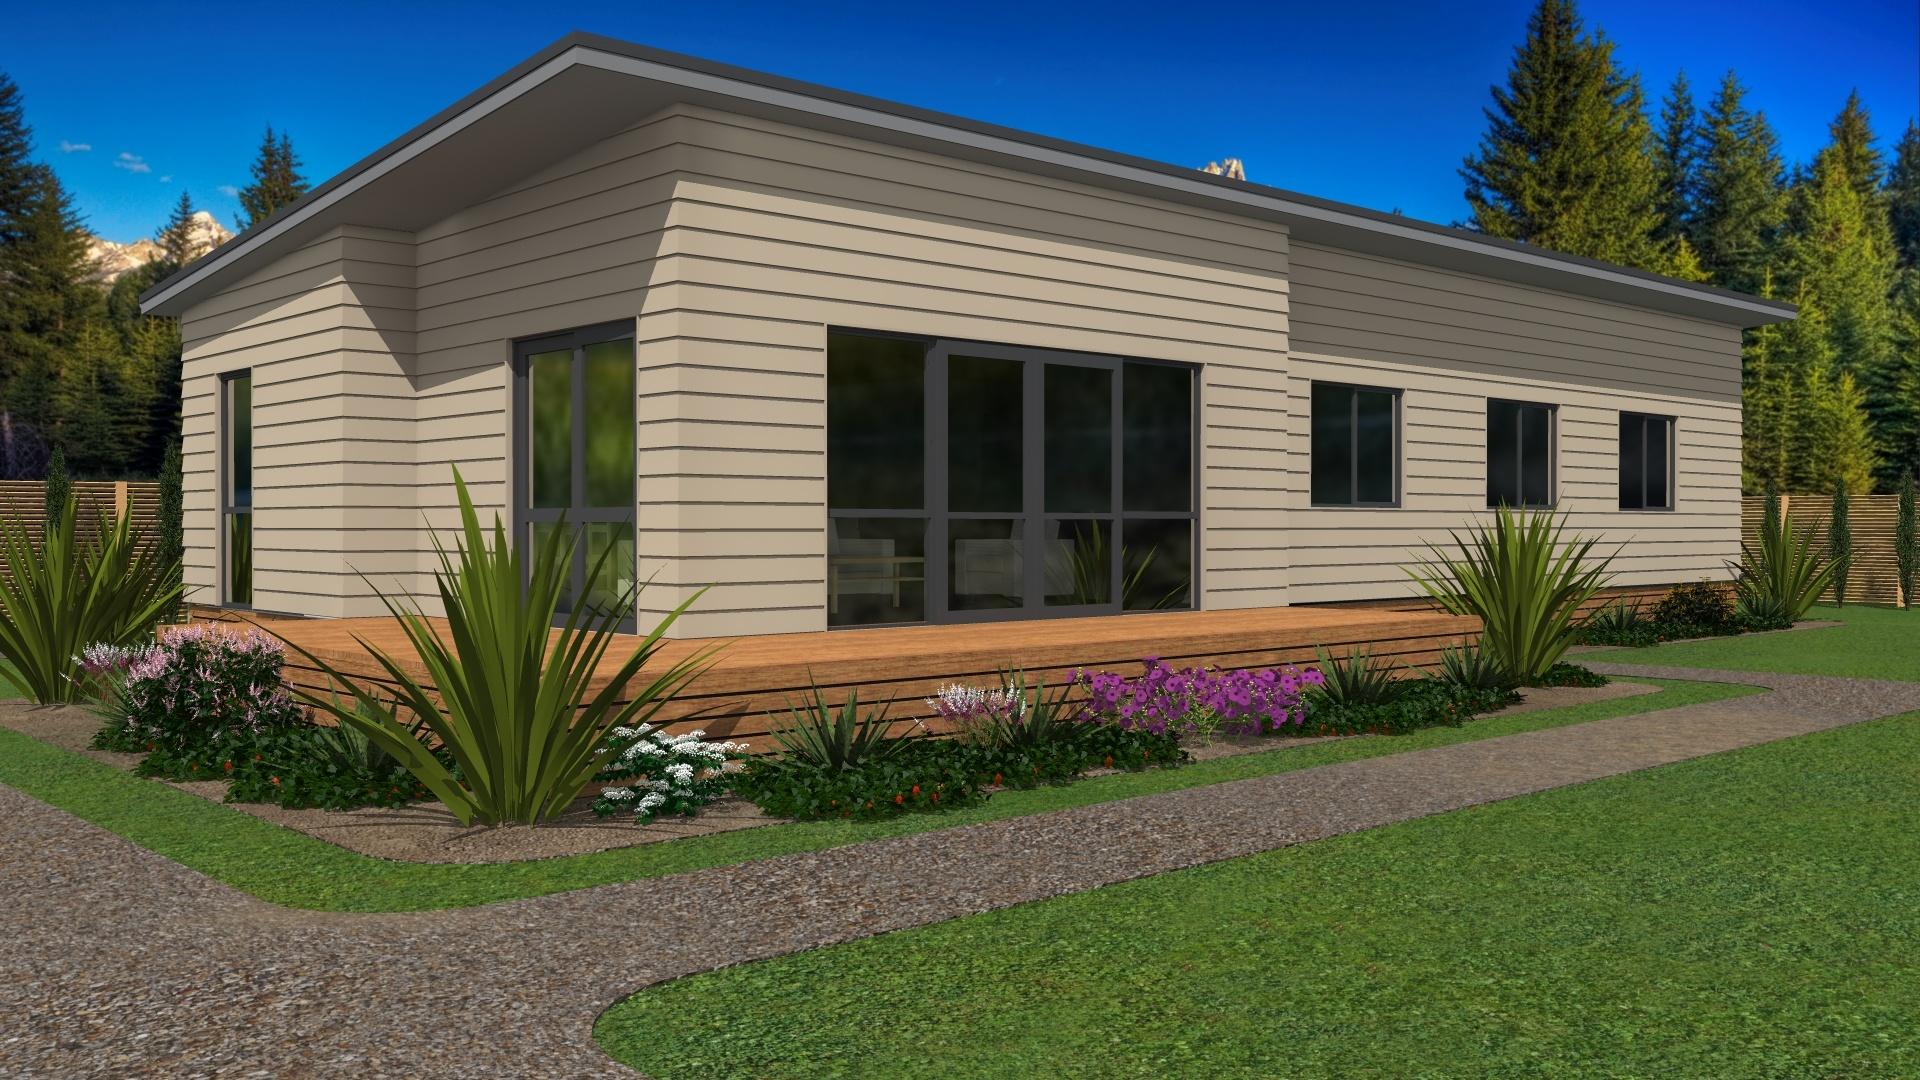 Sumner 4 bedroom house